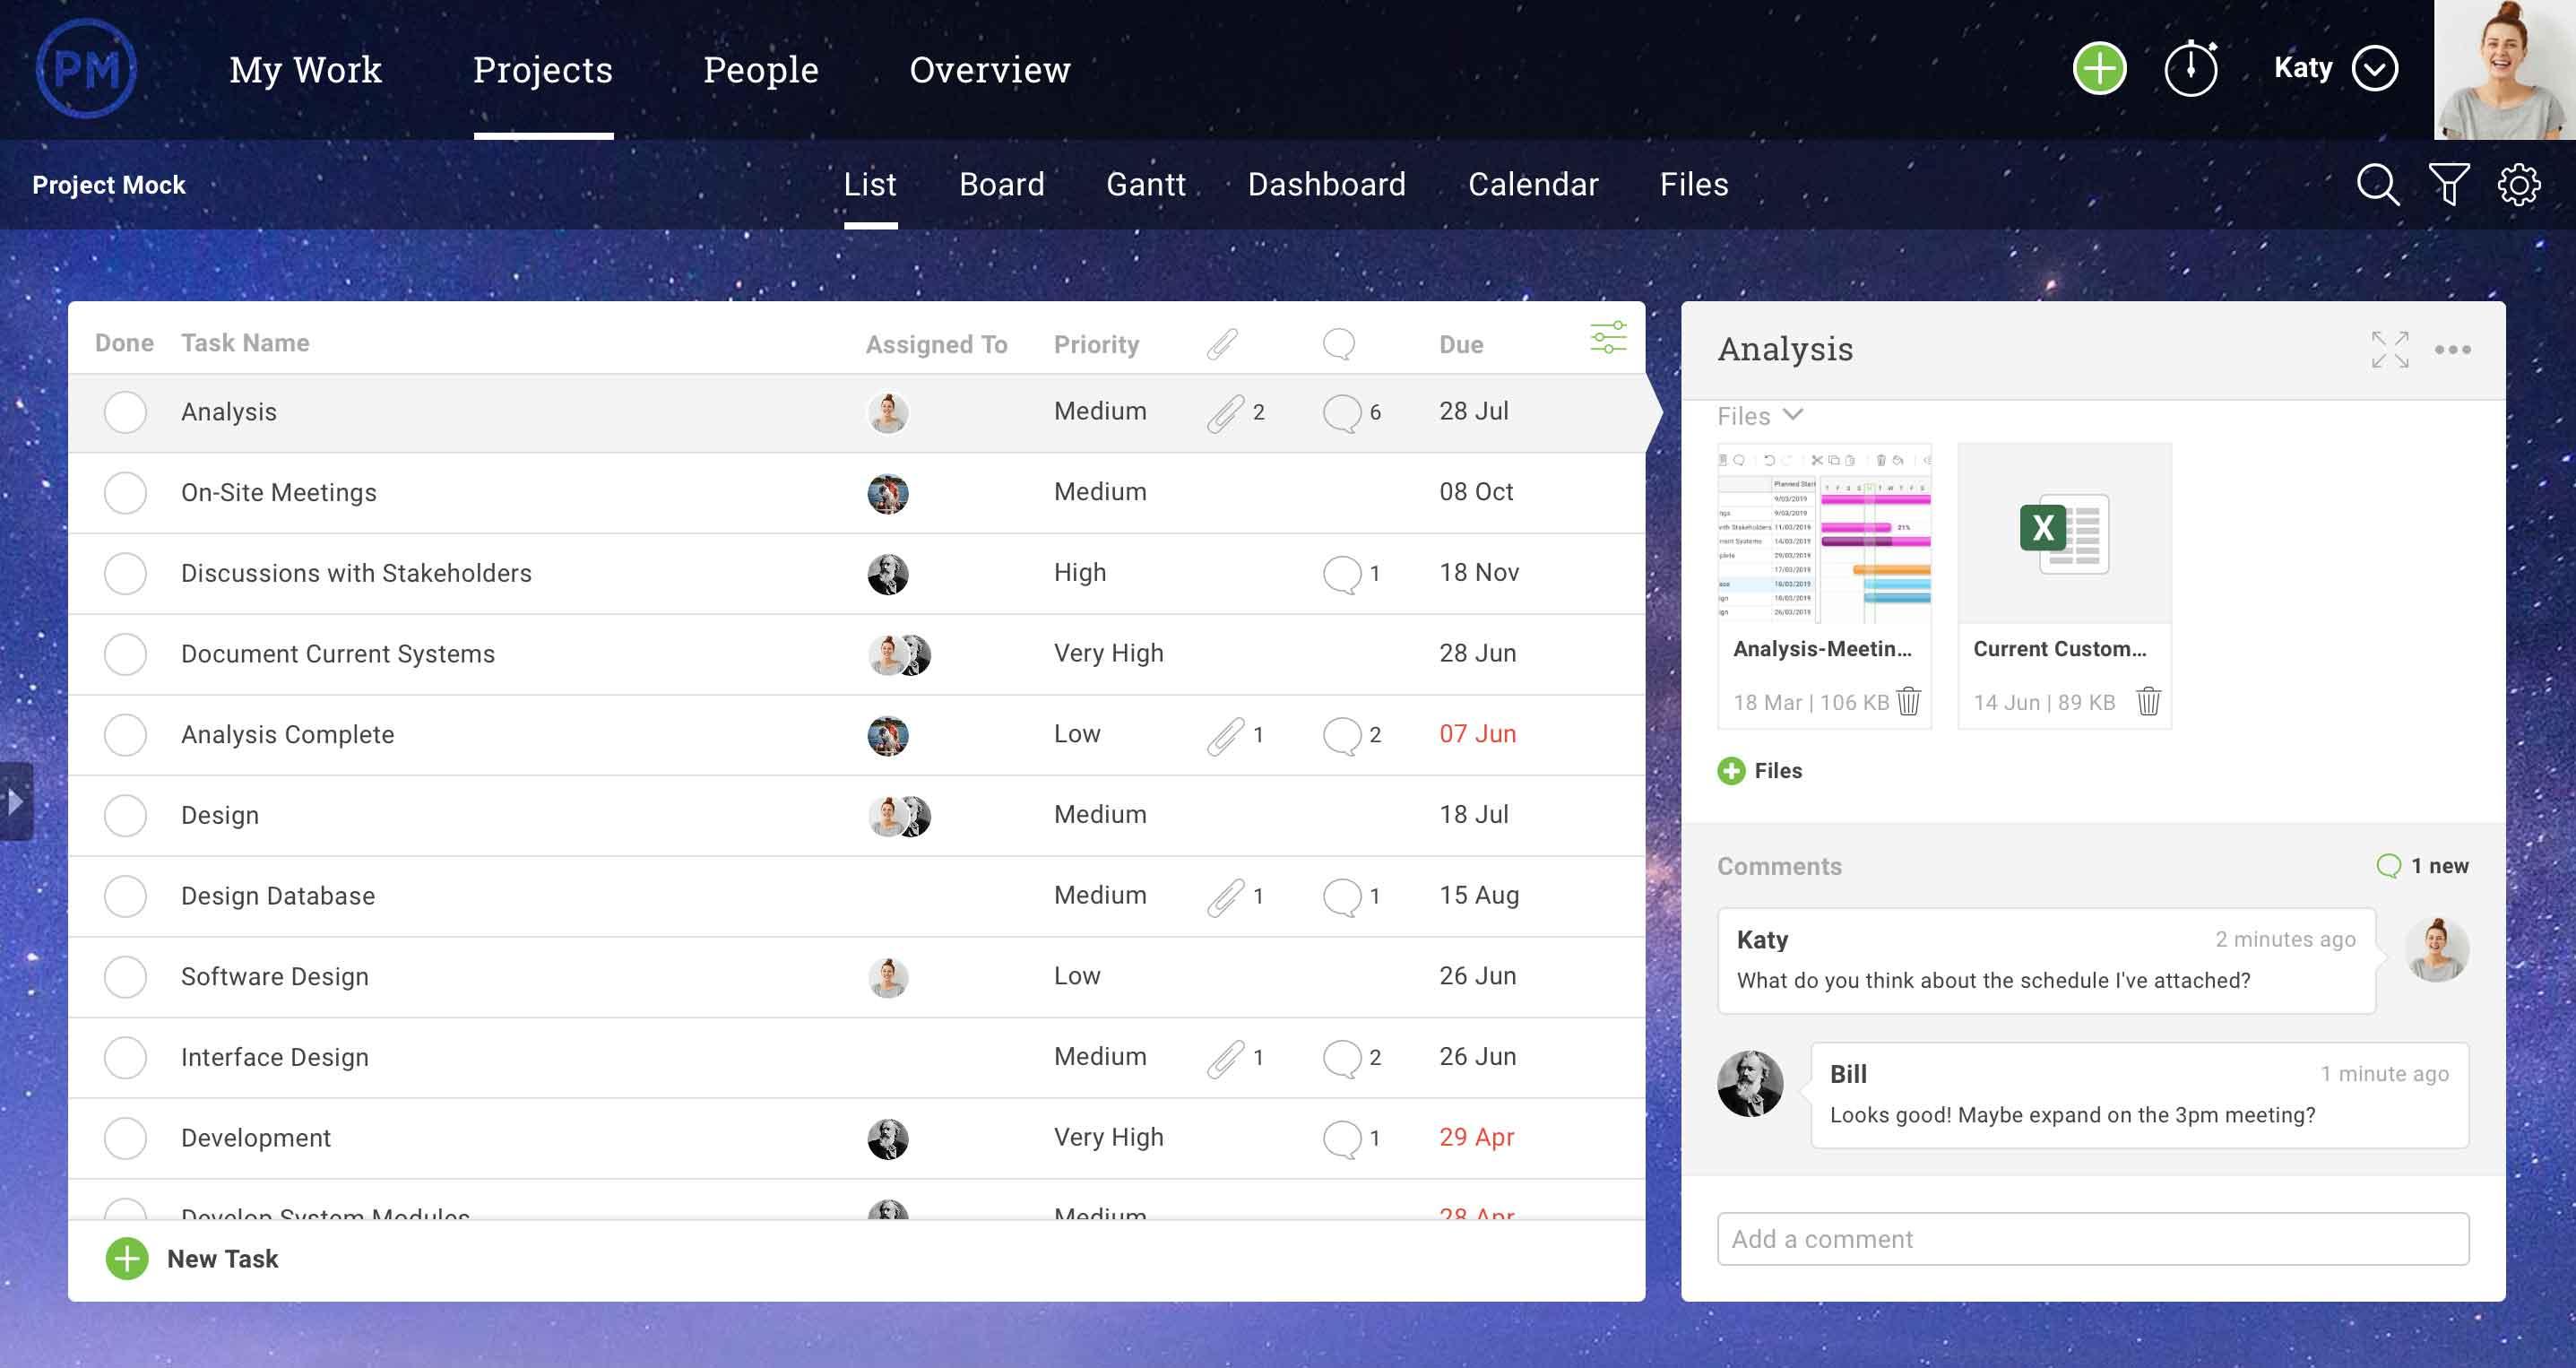 captura de pantalla de la lista de tareas en projectmanager.com